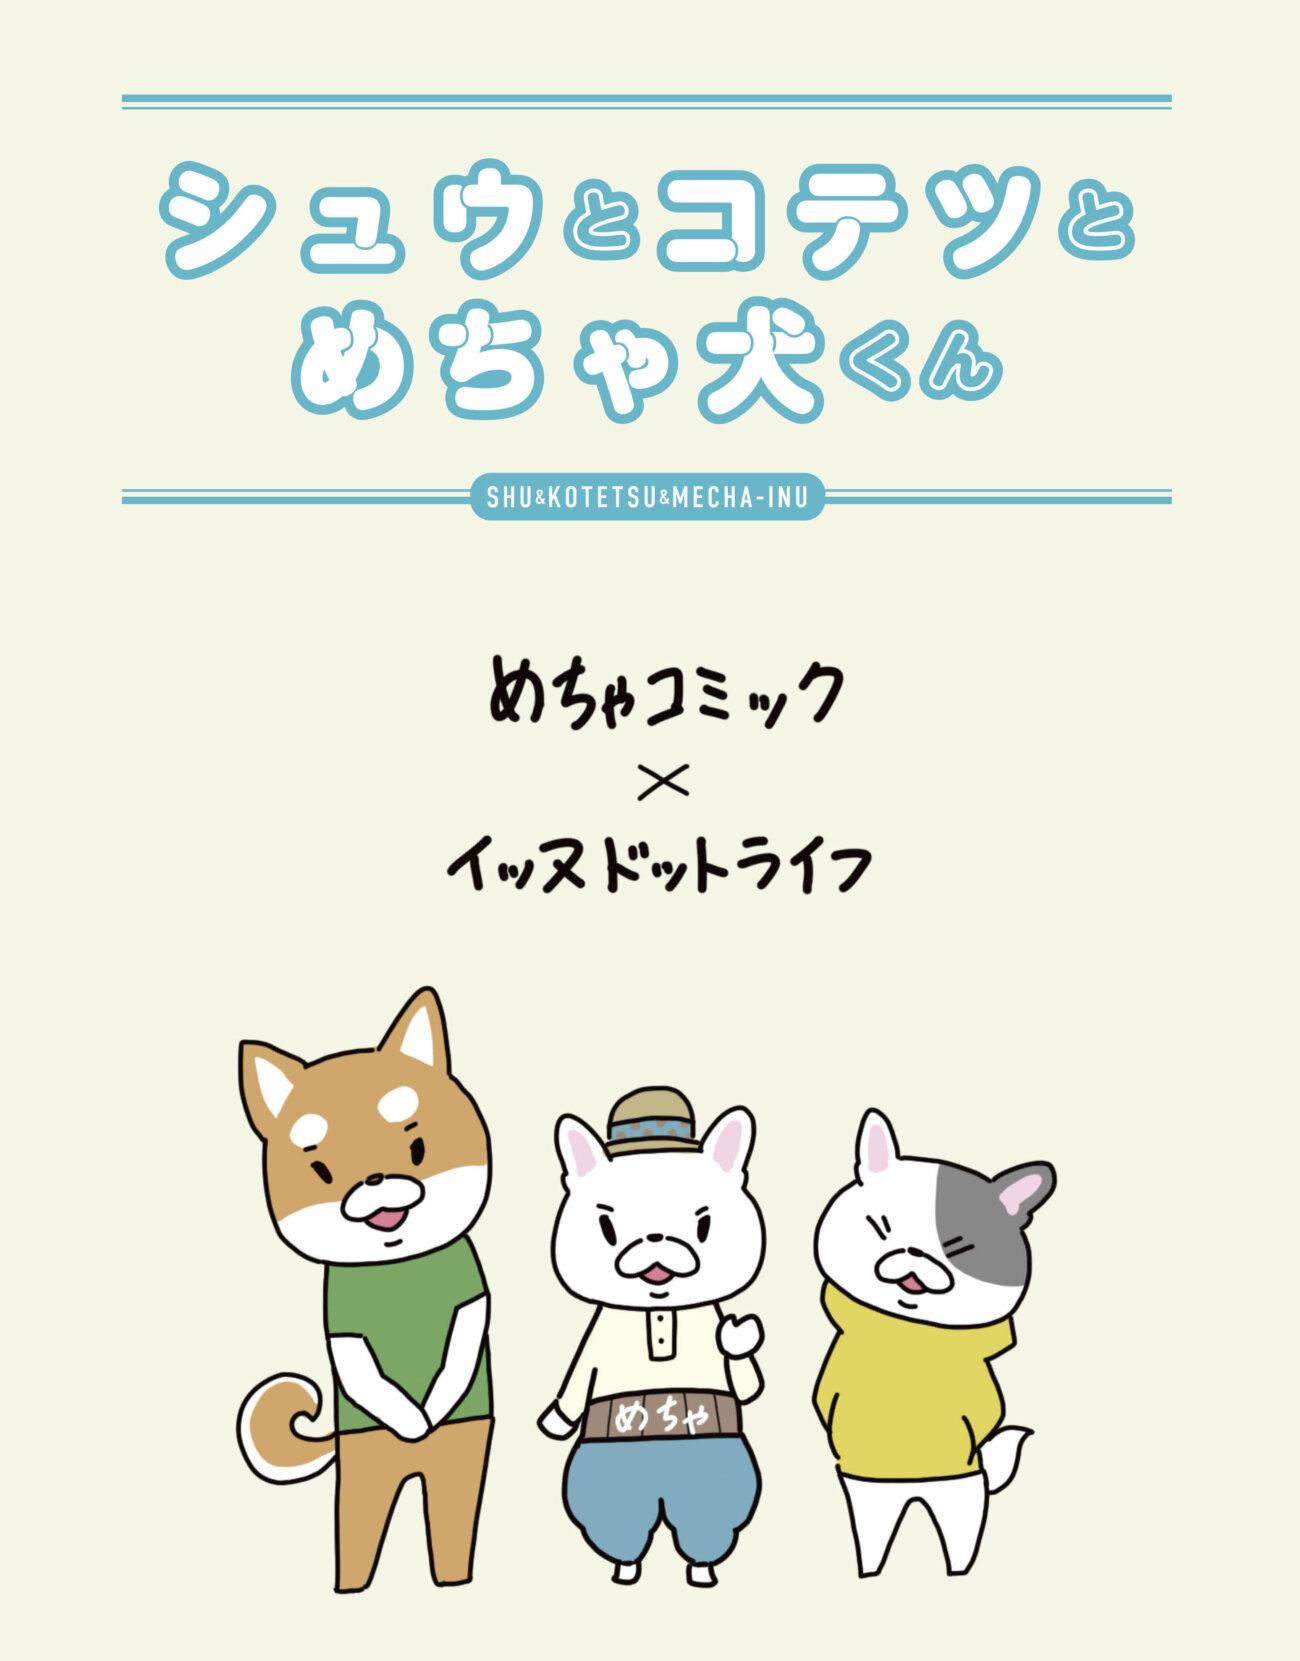 フレンチブルドッグ,めちゃ犬,イッヌドットライフ,シュウとコテツ